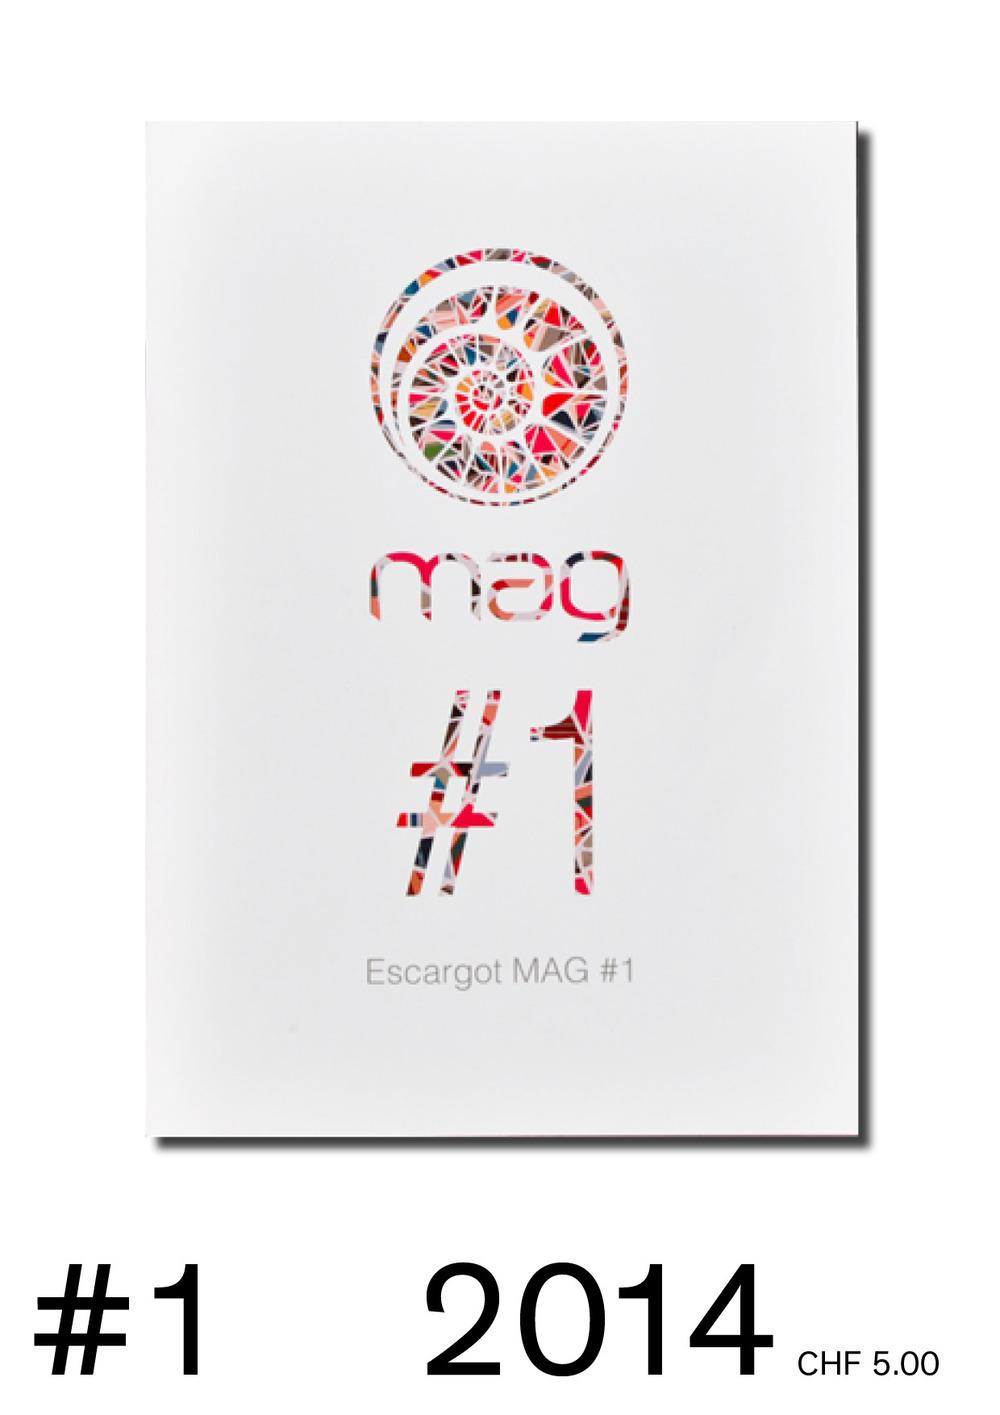 Escargot Mag #1 2013